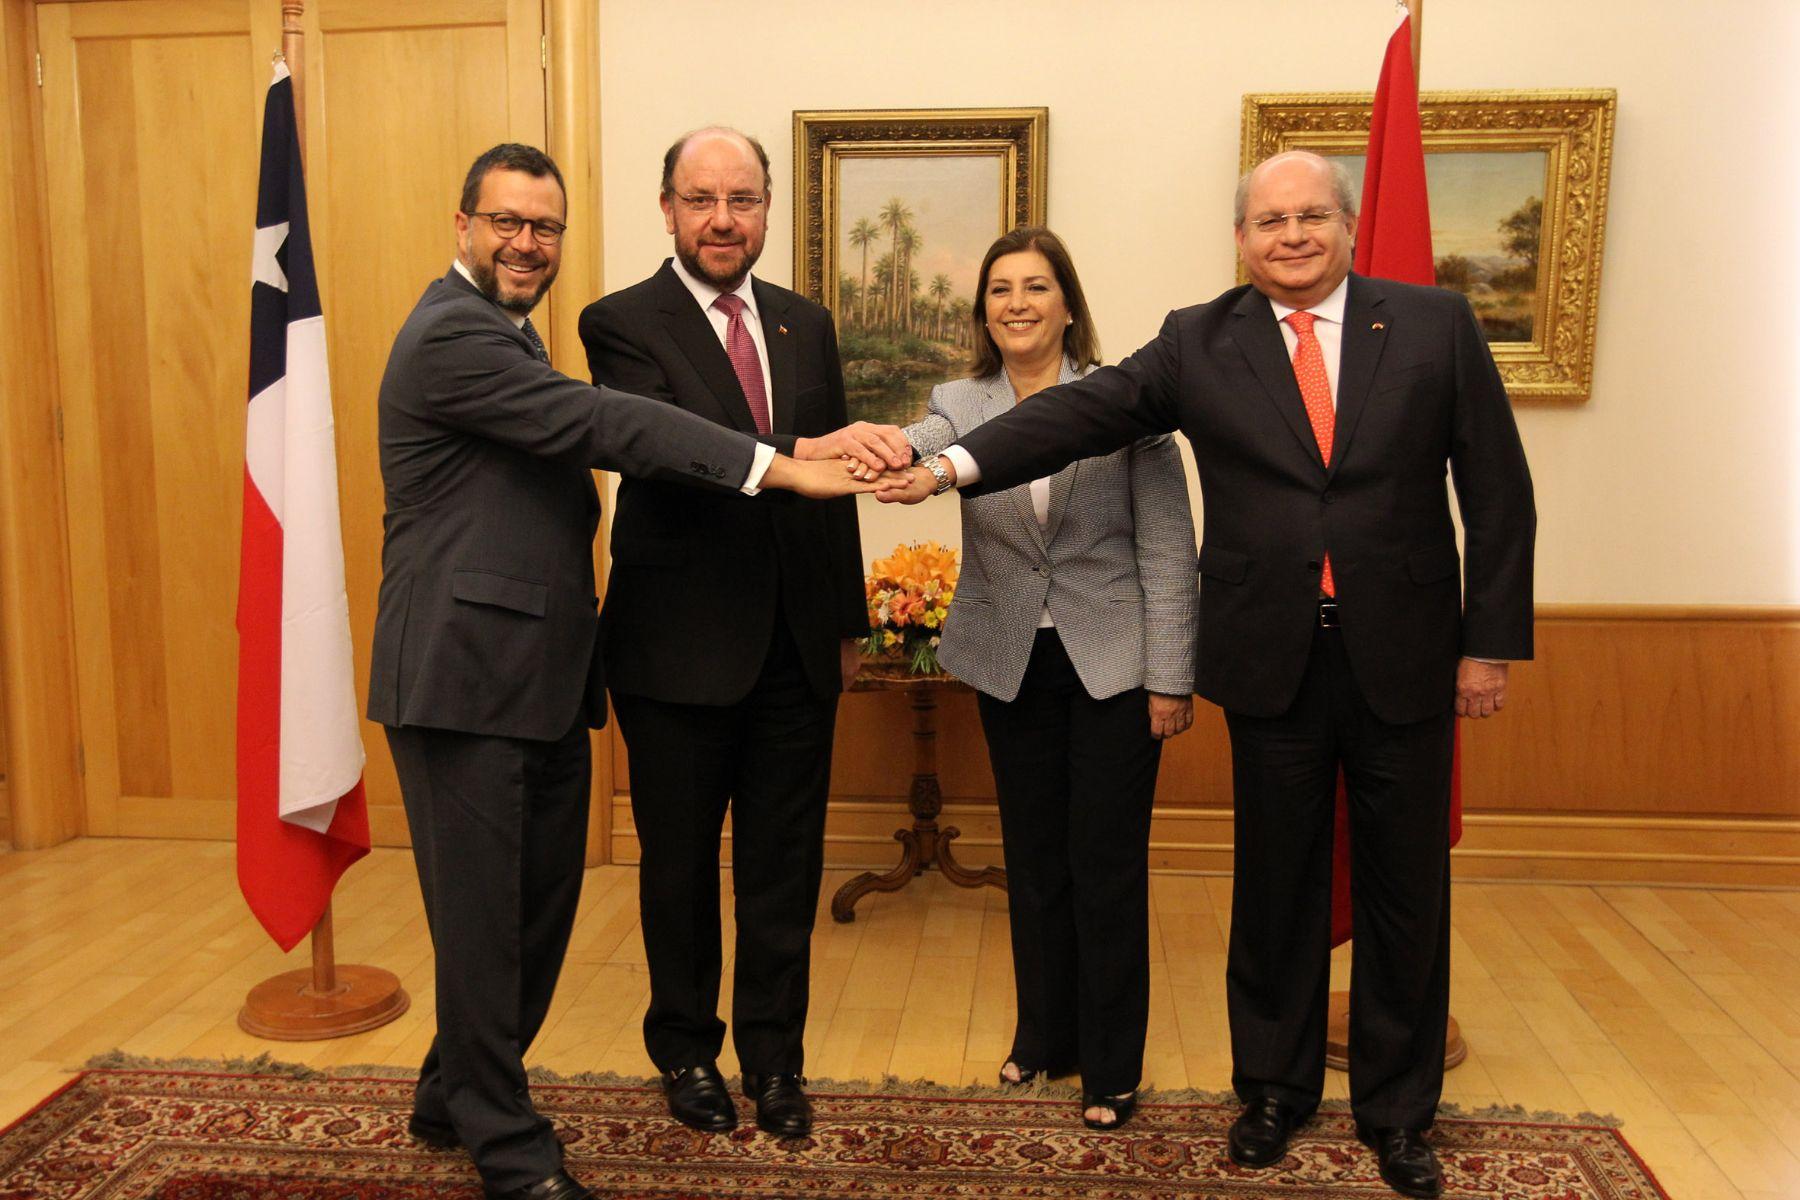 Ministros de Relaciones Exteriores y de Defensa de Perú y Chile se reunieron en Santiago. Foto: Ministerio de Defensa de Chile.